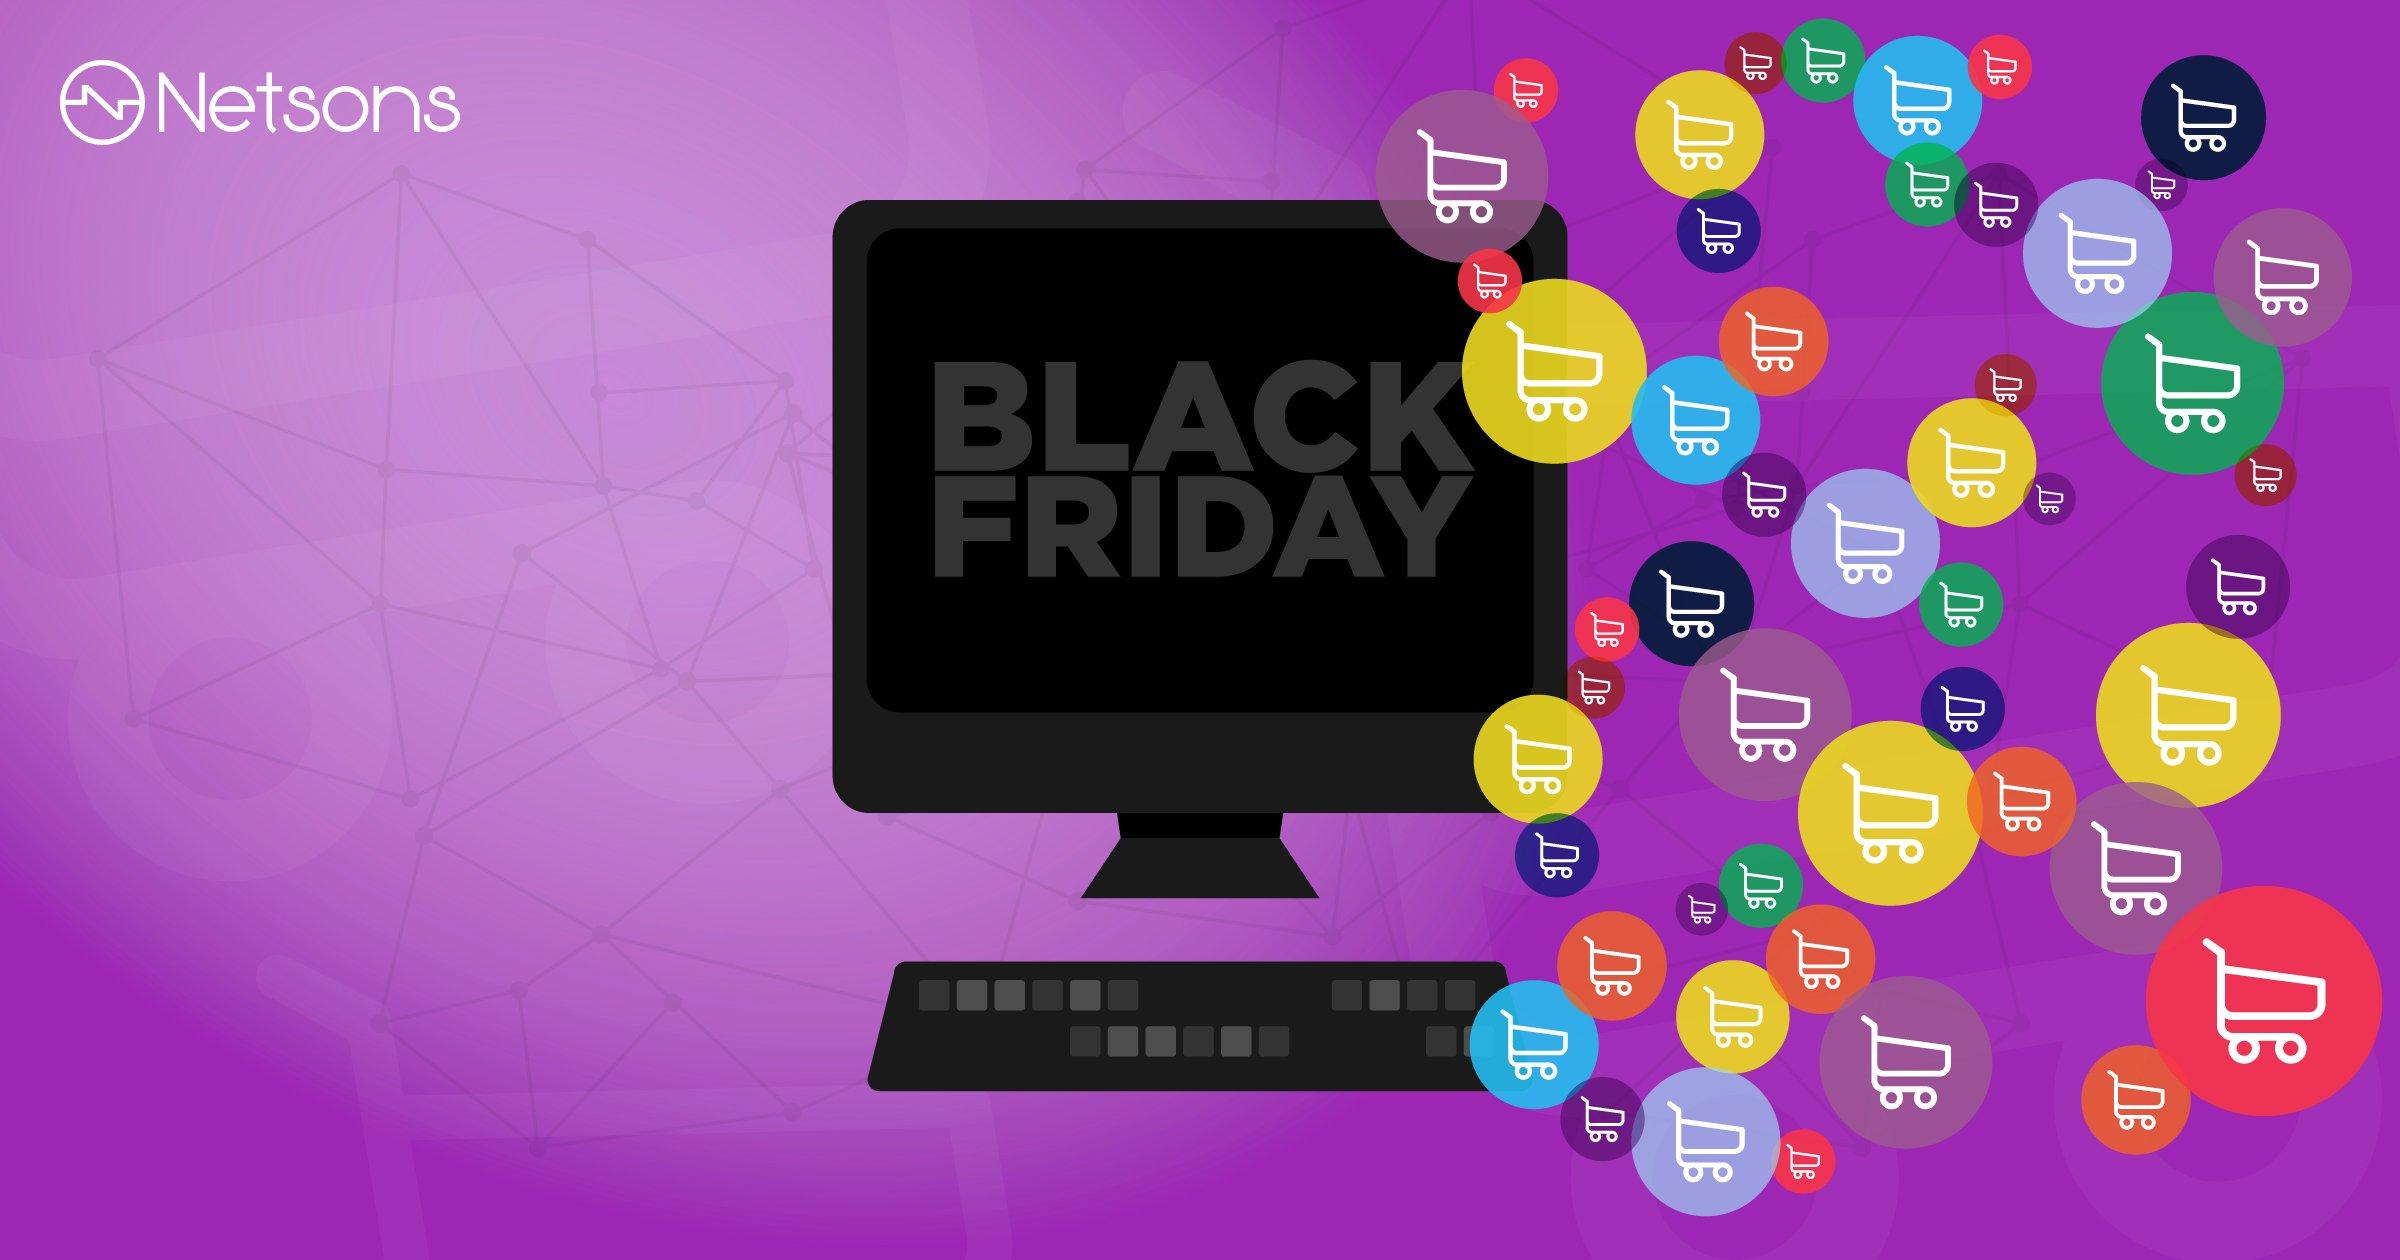 Arriva il Black Friday, sei pronto per aumentare le vendite?